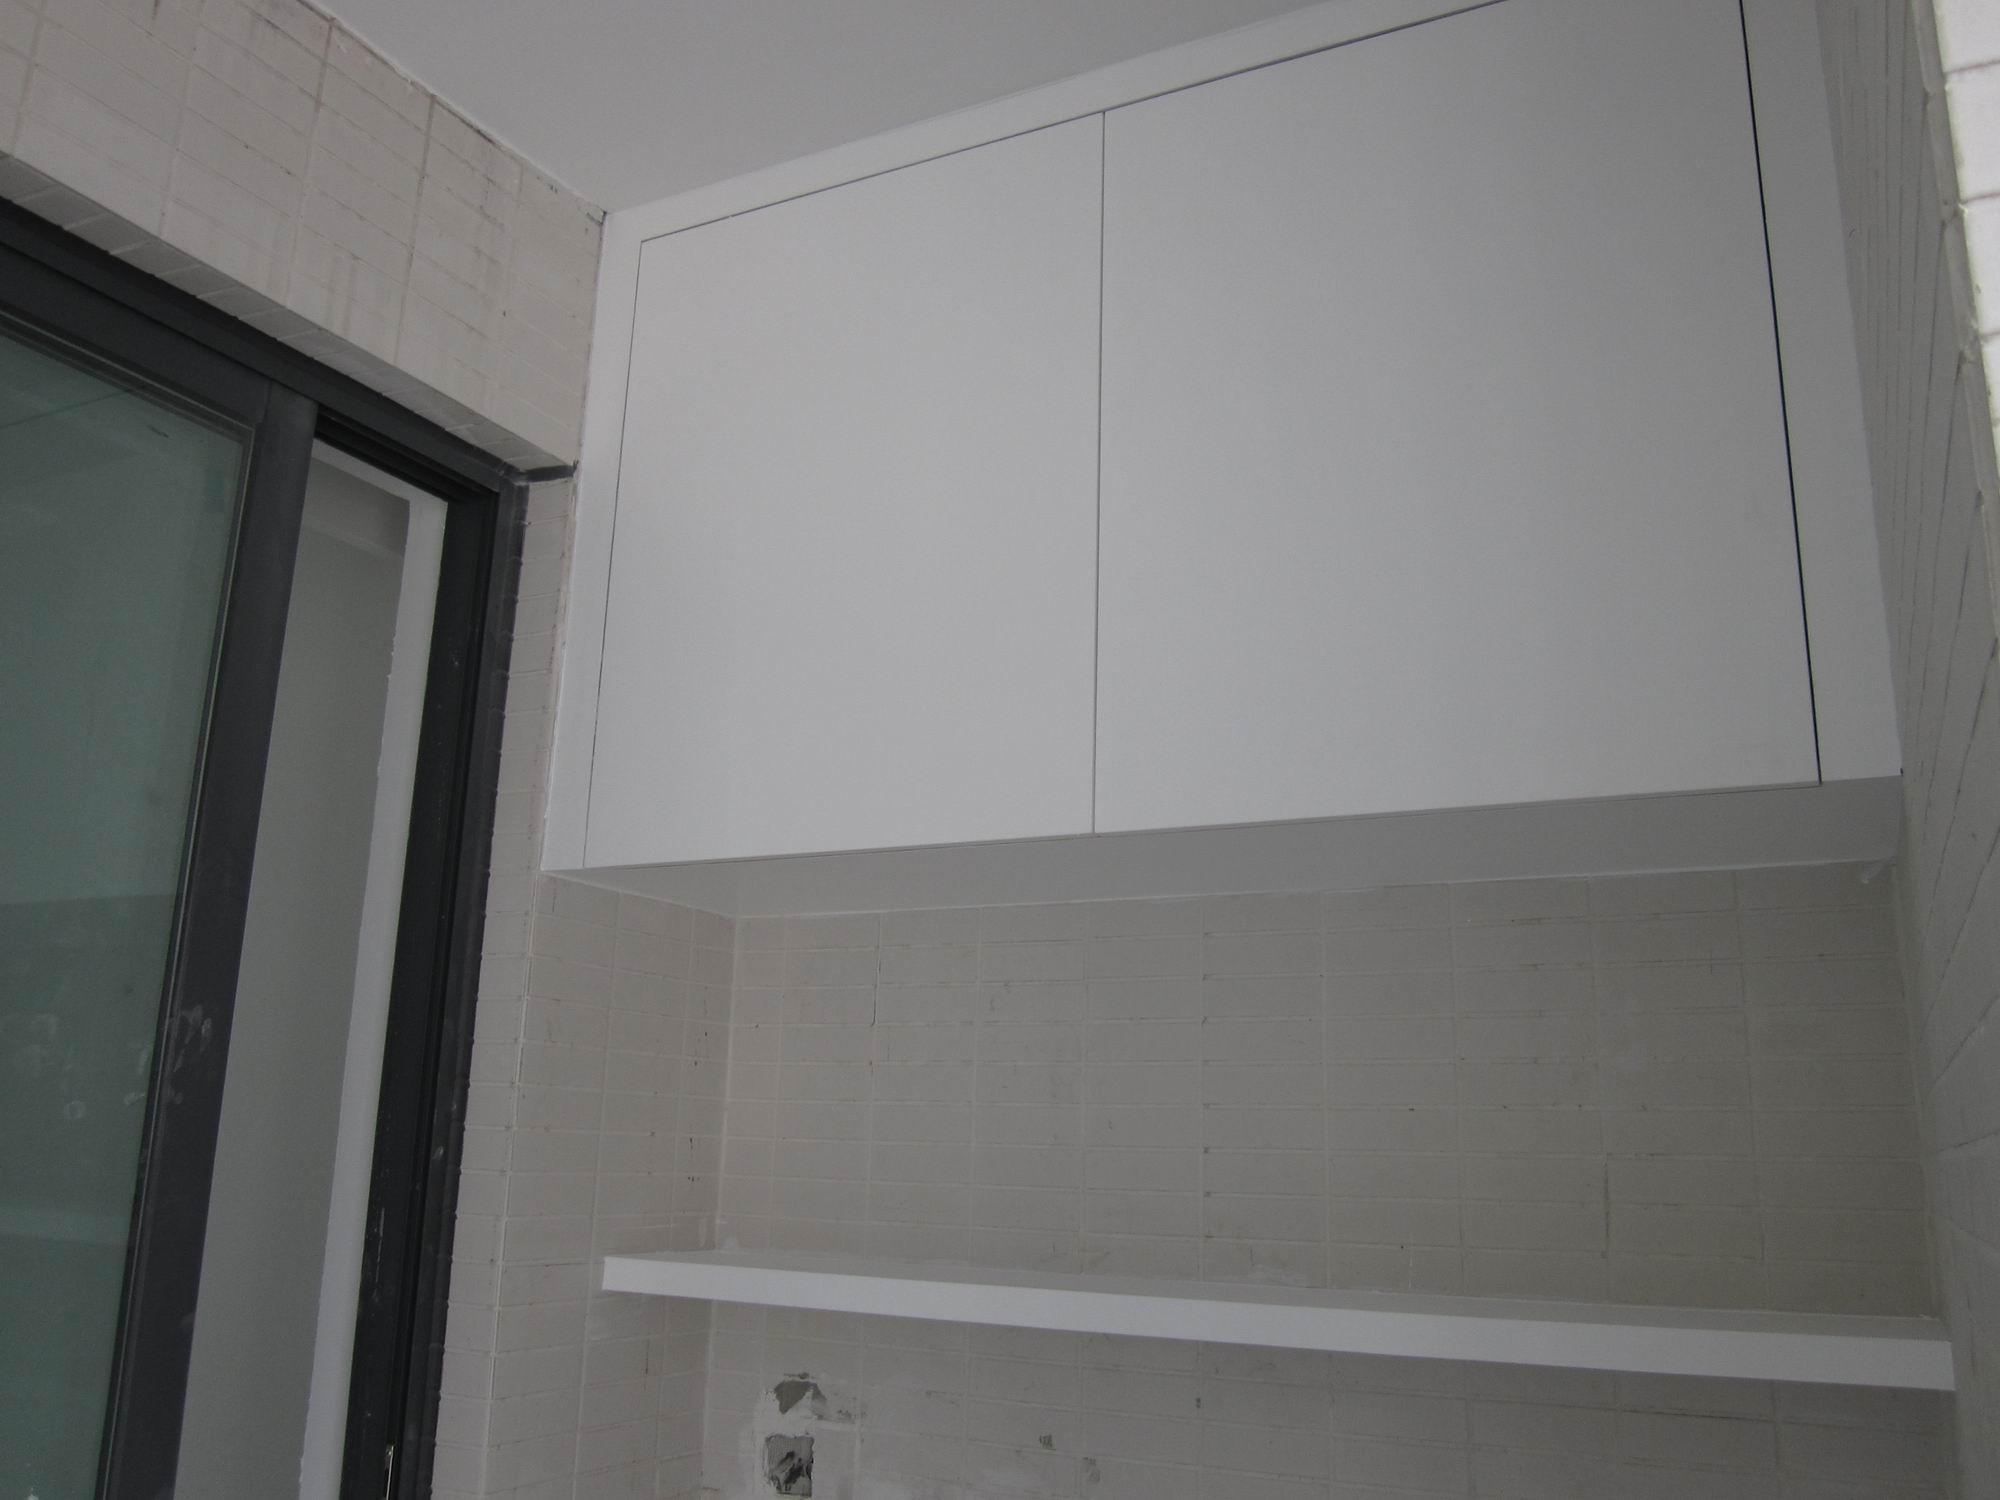 阳台吊柜与隔板,下面准备放洗衣